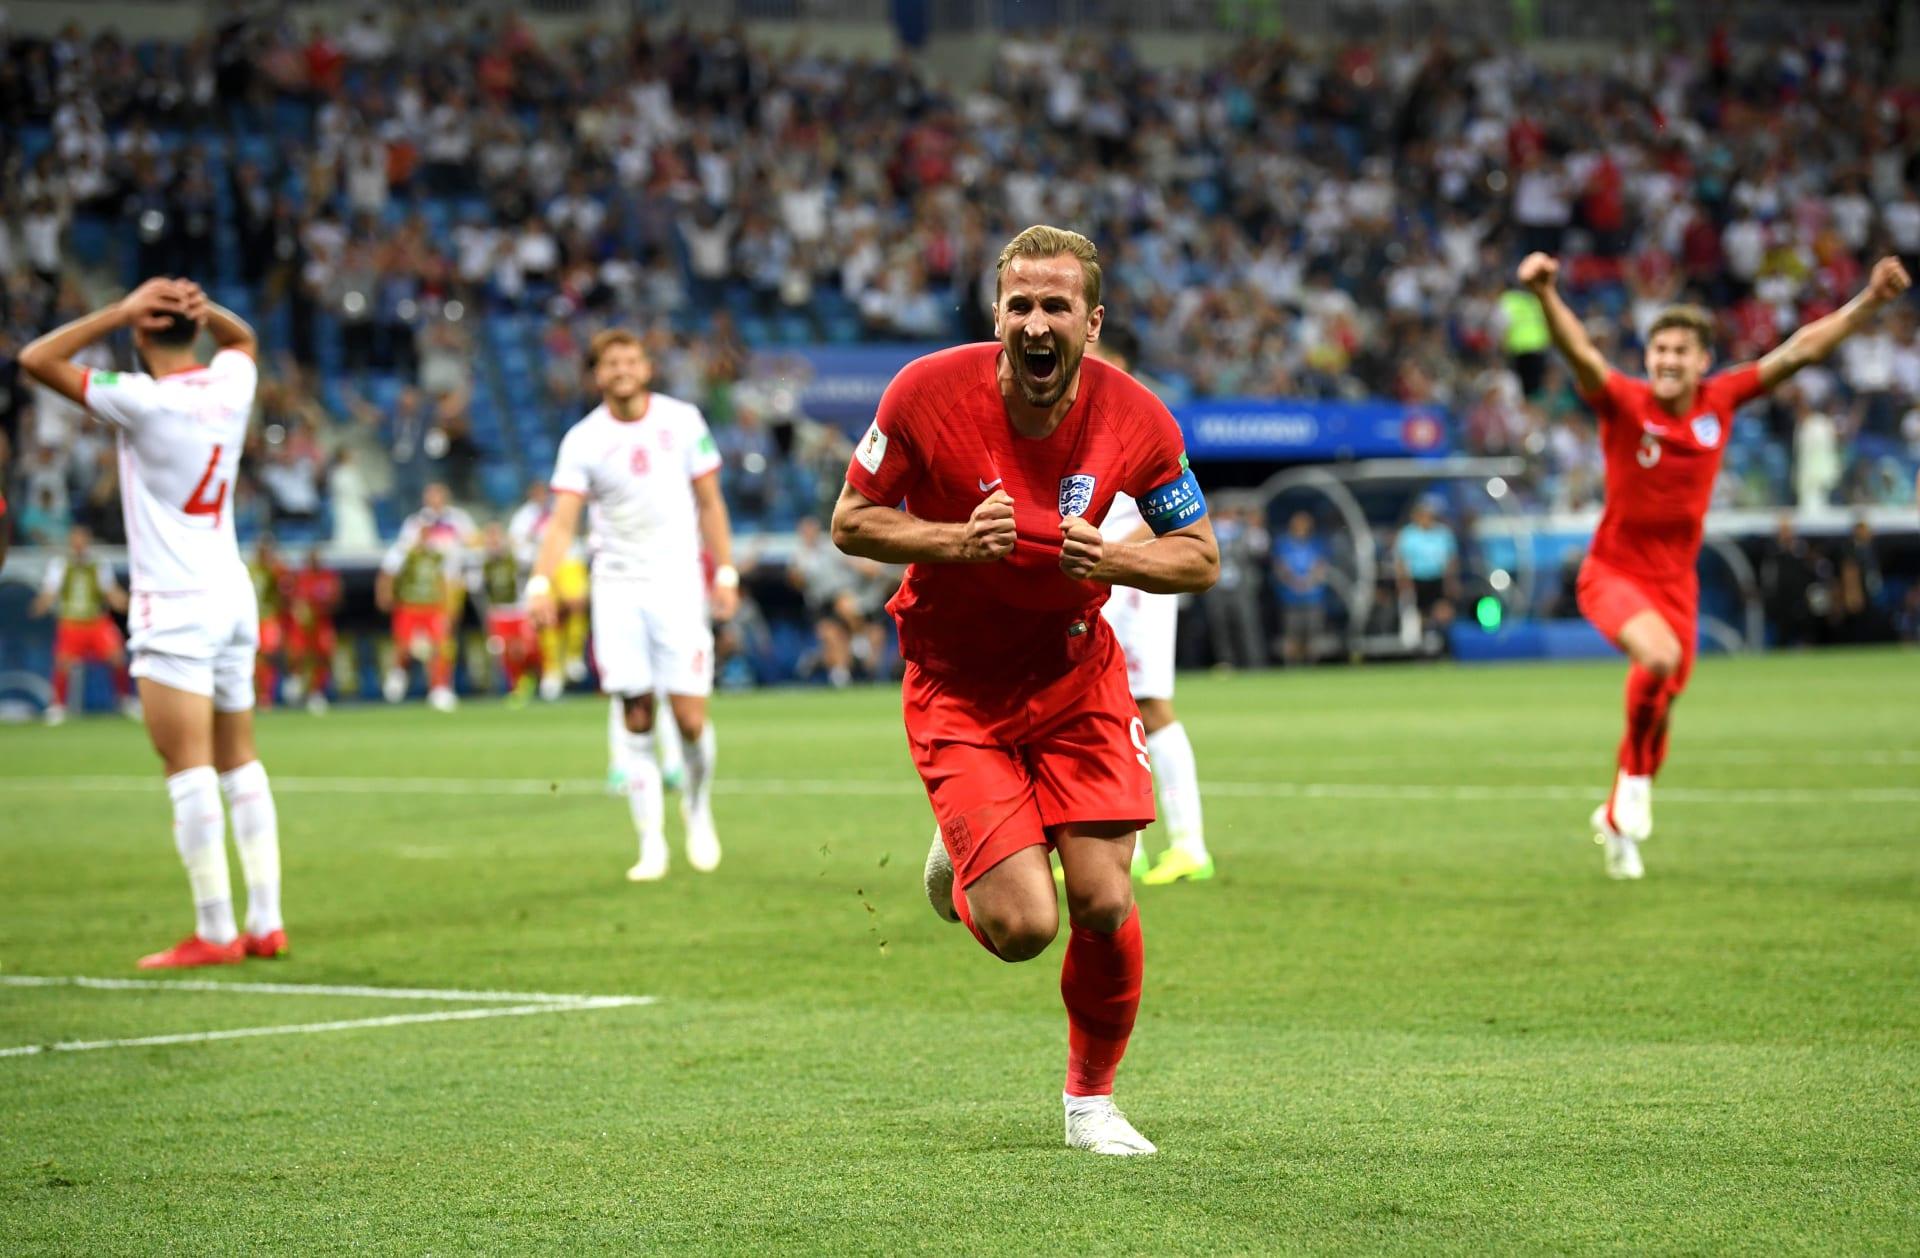 تونس تخسر بهدف قاتل أمام إنجلترا في مستهل مشوار المونديال